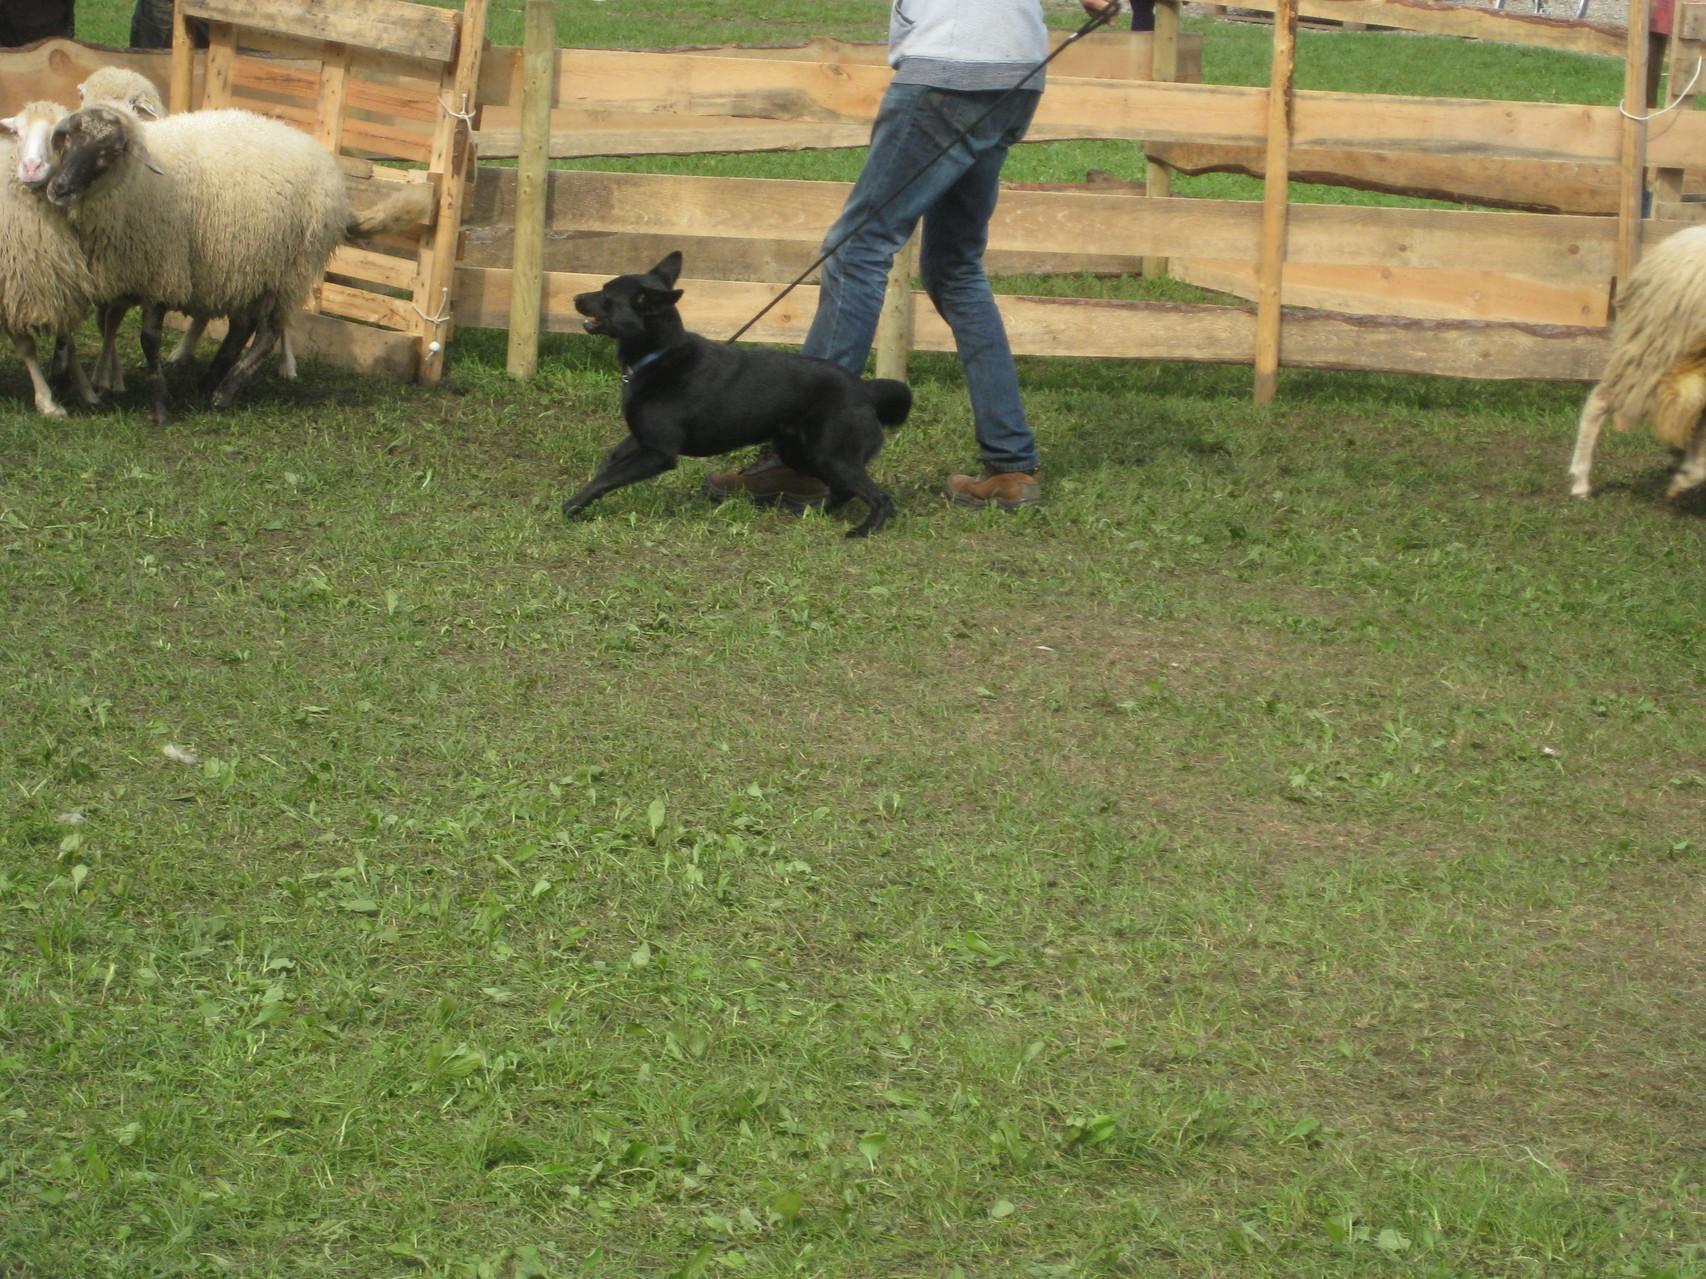 Wenn ein Schaf oder die Herde auf Ayra zukamen, dann ging sie auch nach vorne.